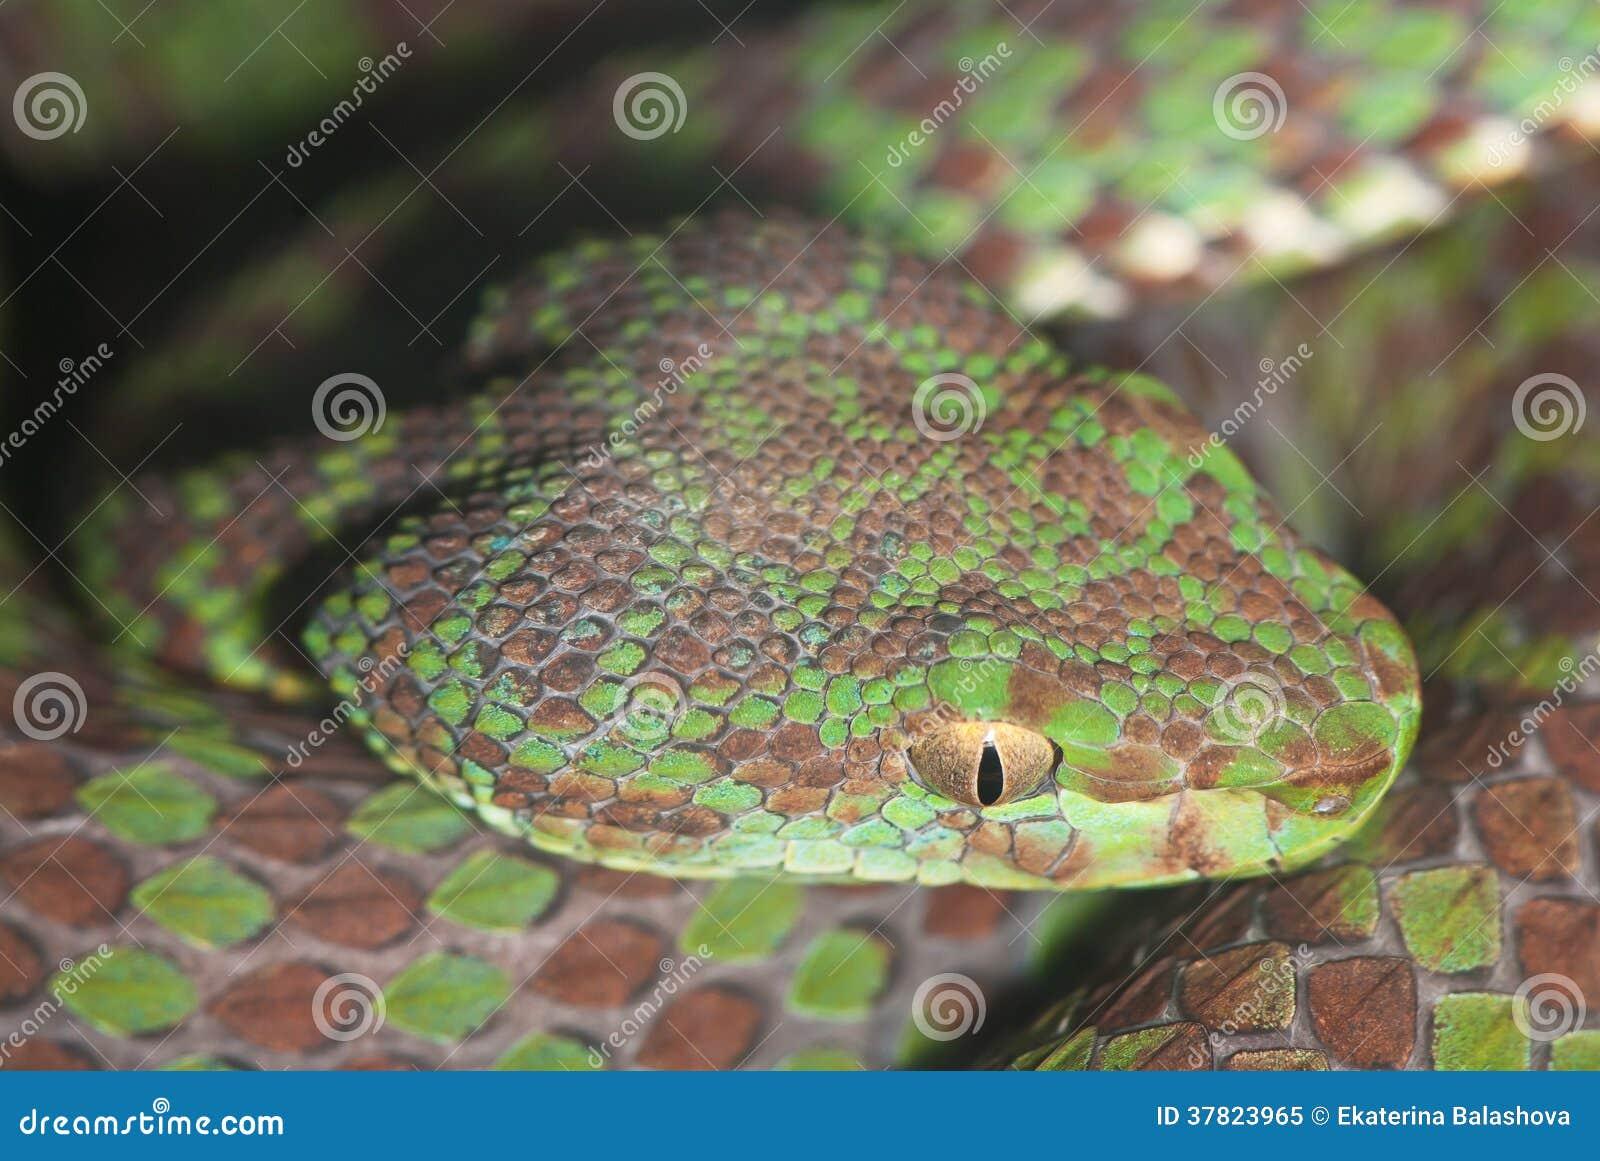 顶头褐色绿的毒蛇特写镜头.